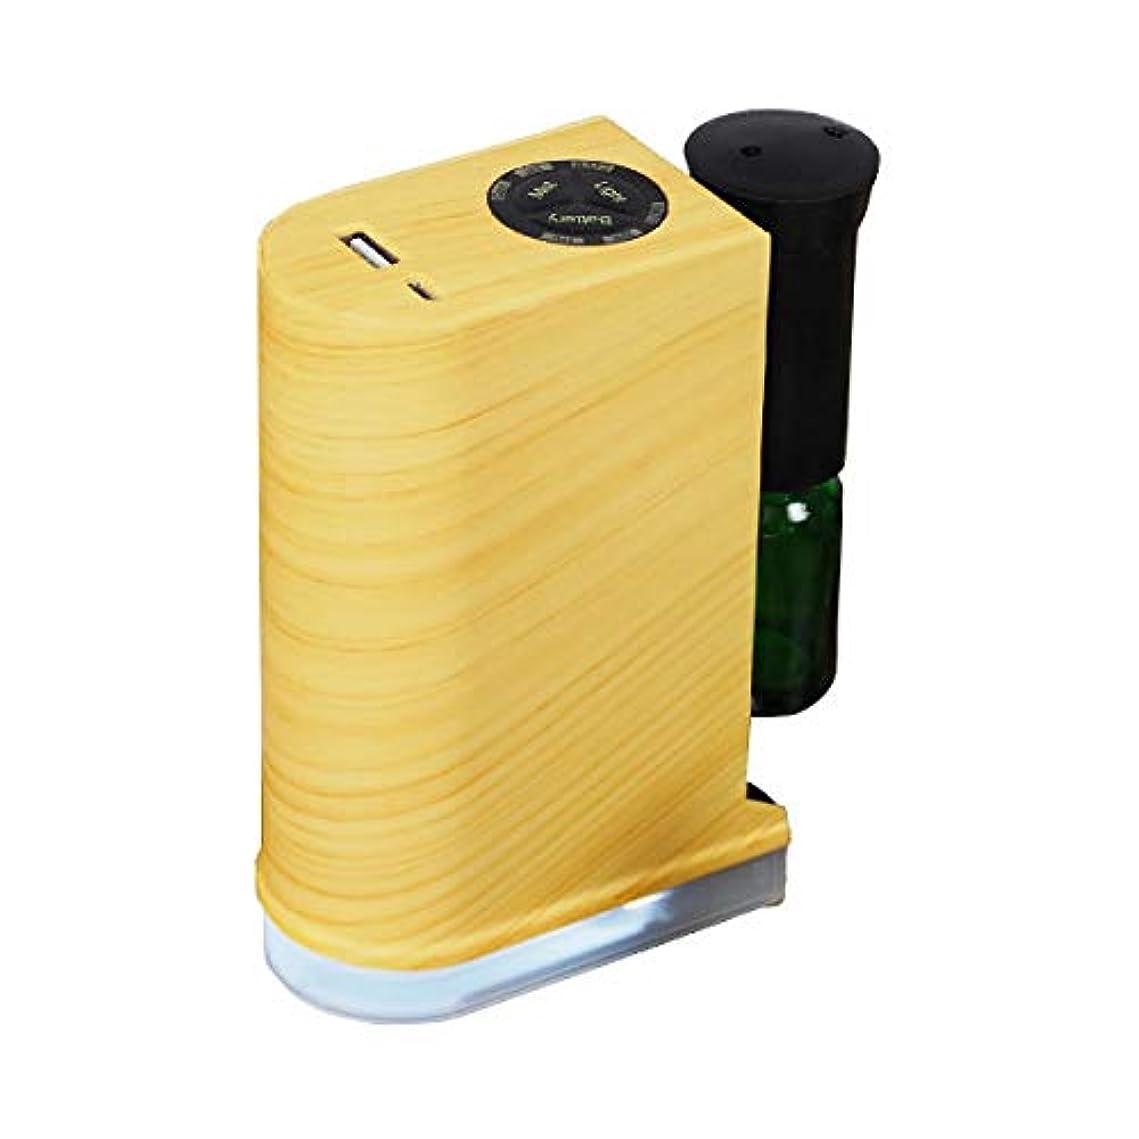 特権的持参悔い改めるアロマデュフューザー 水を使わない ネブライザー式アロマディフューザー LED搭載 アロマオイル 精油 アロマ芳香 (ナチュラル)